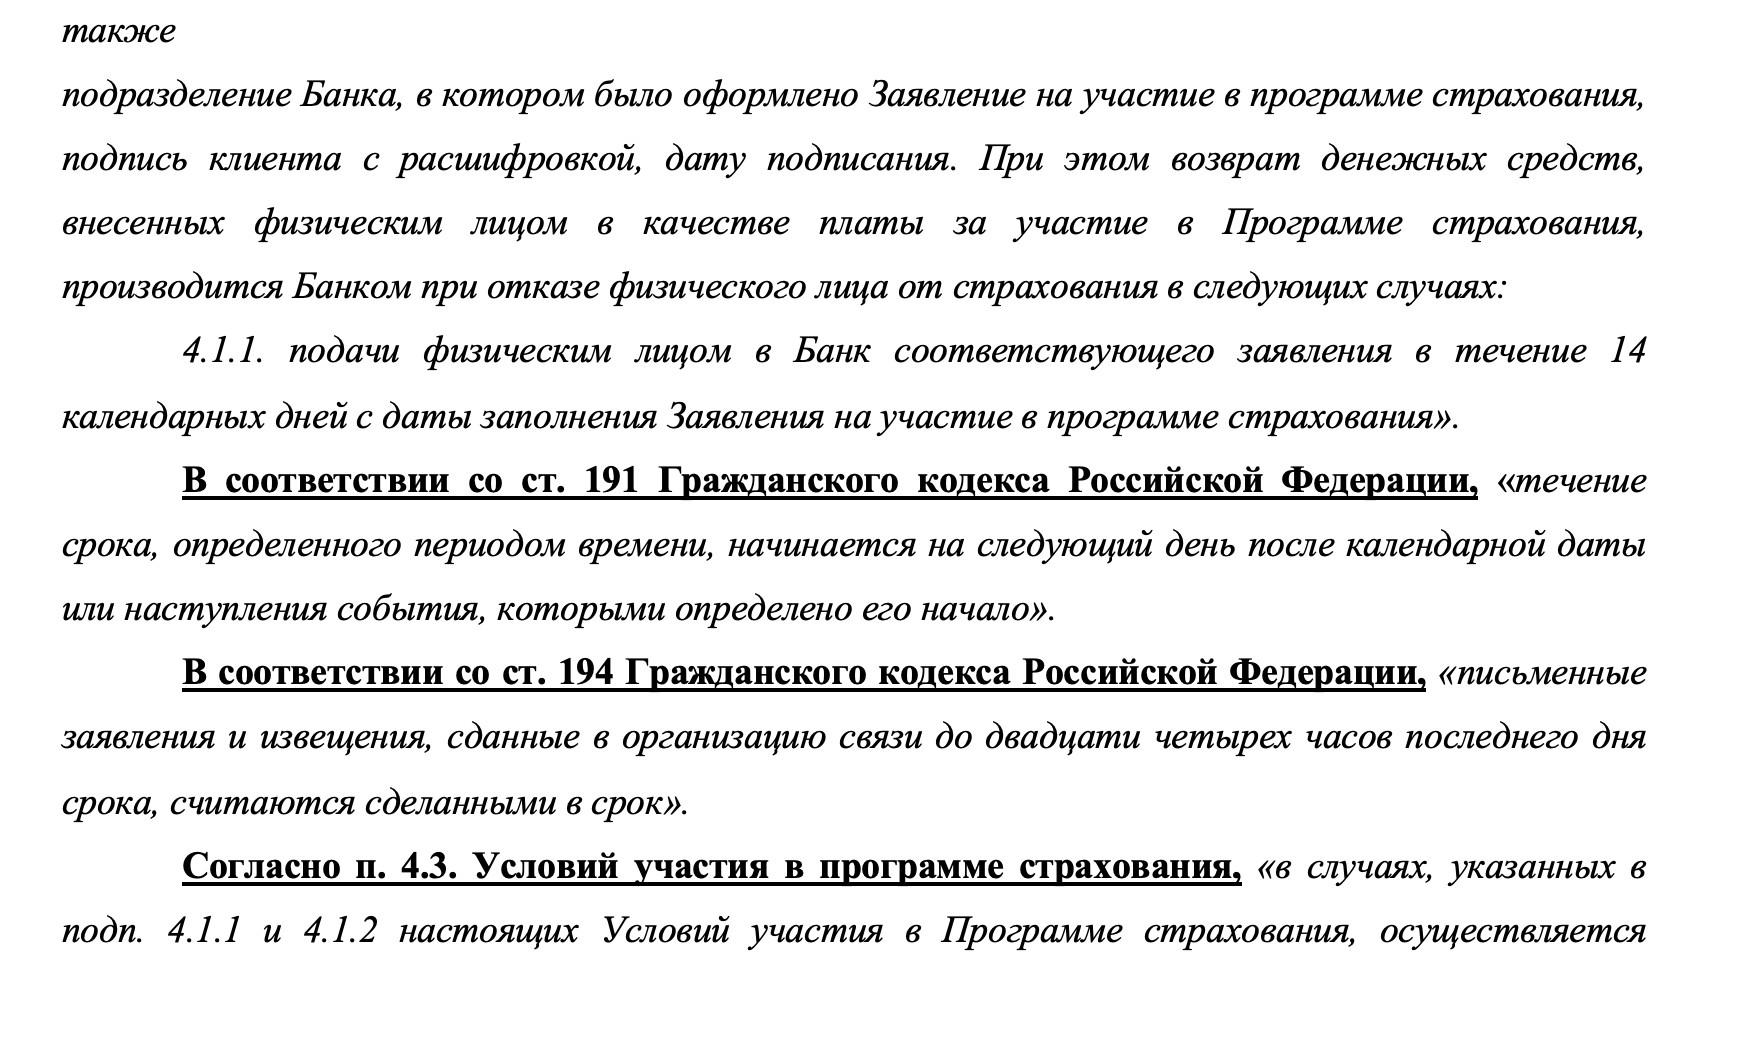 онлайн займы до 100000 новосибирск